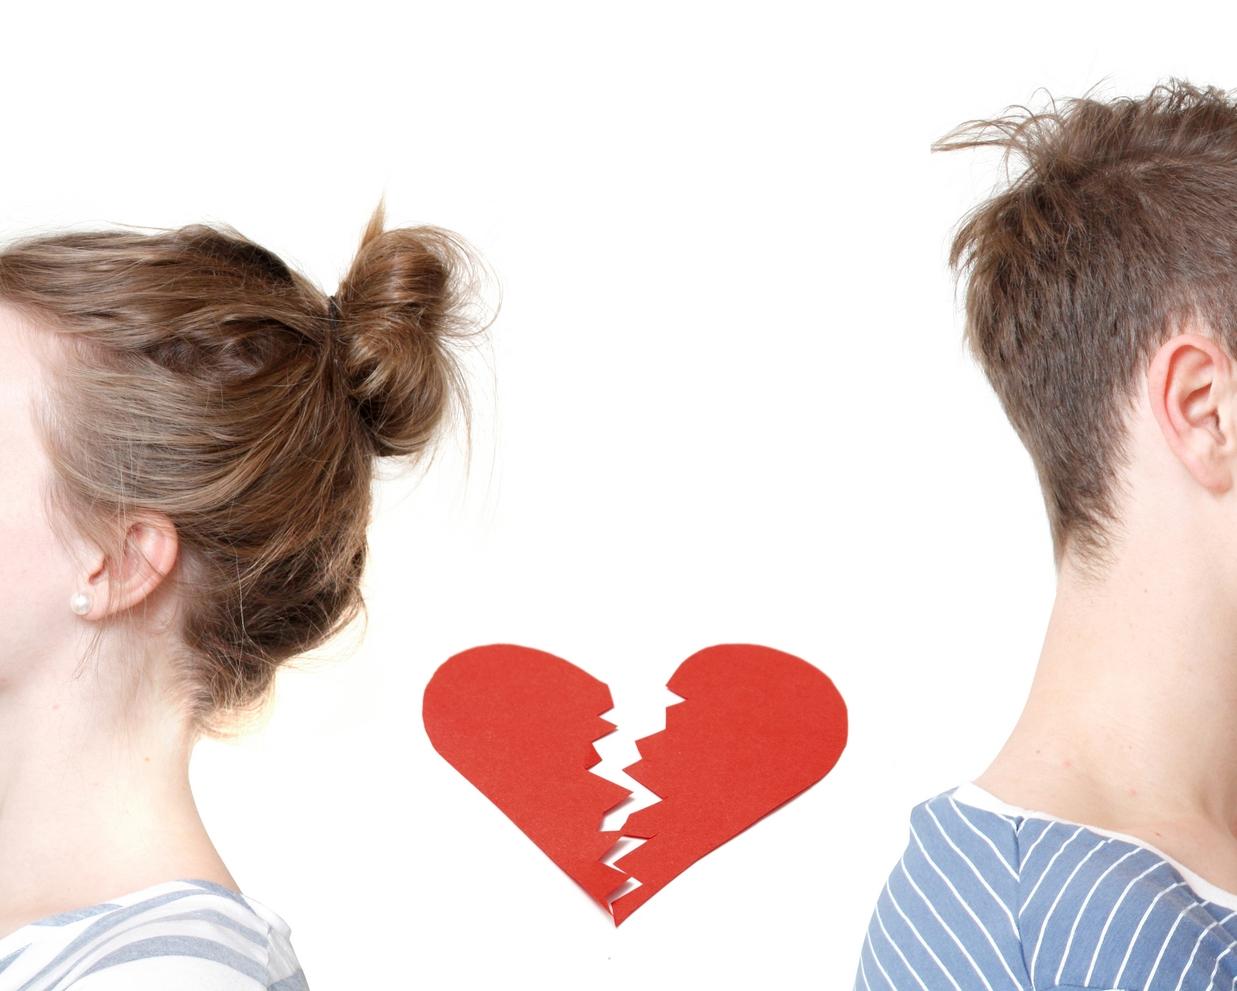 breakup relationships